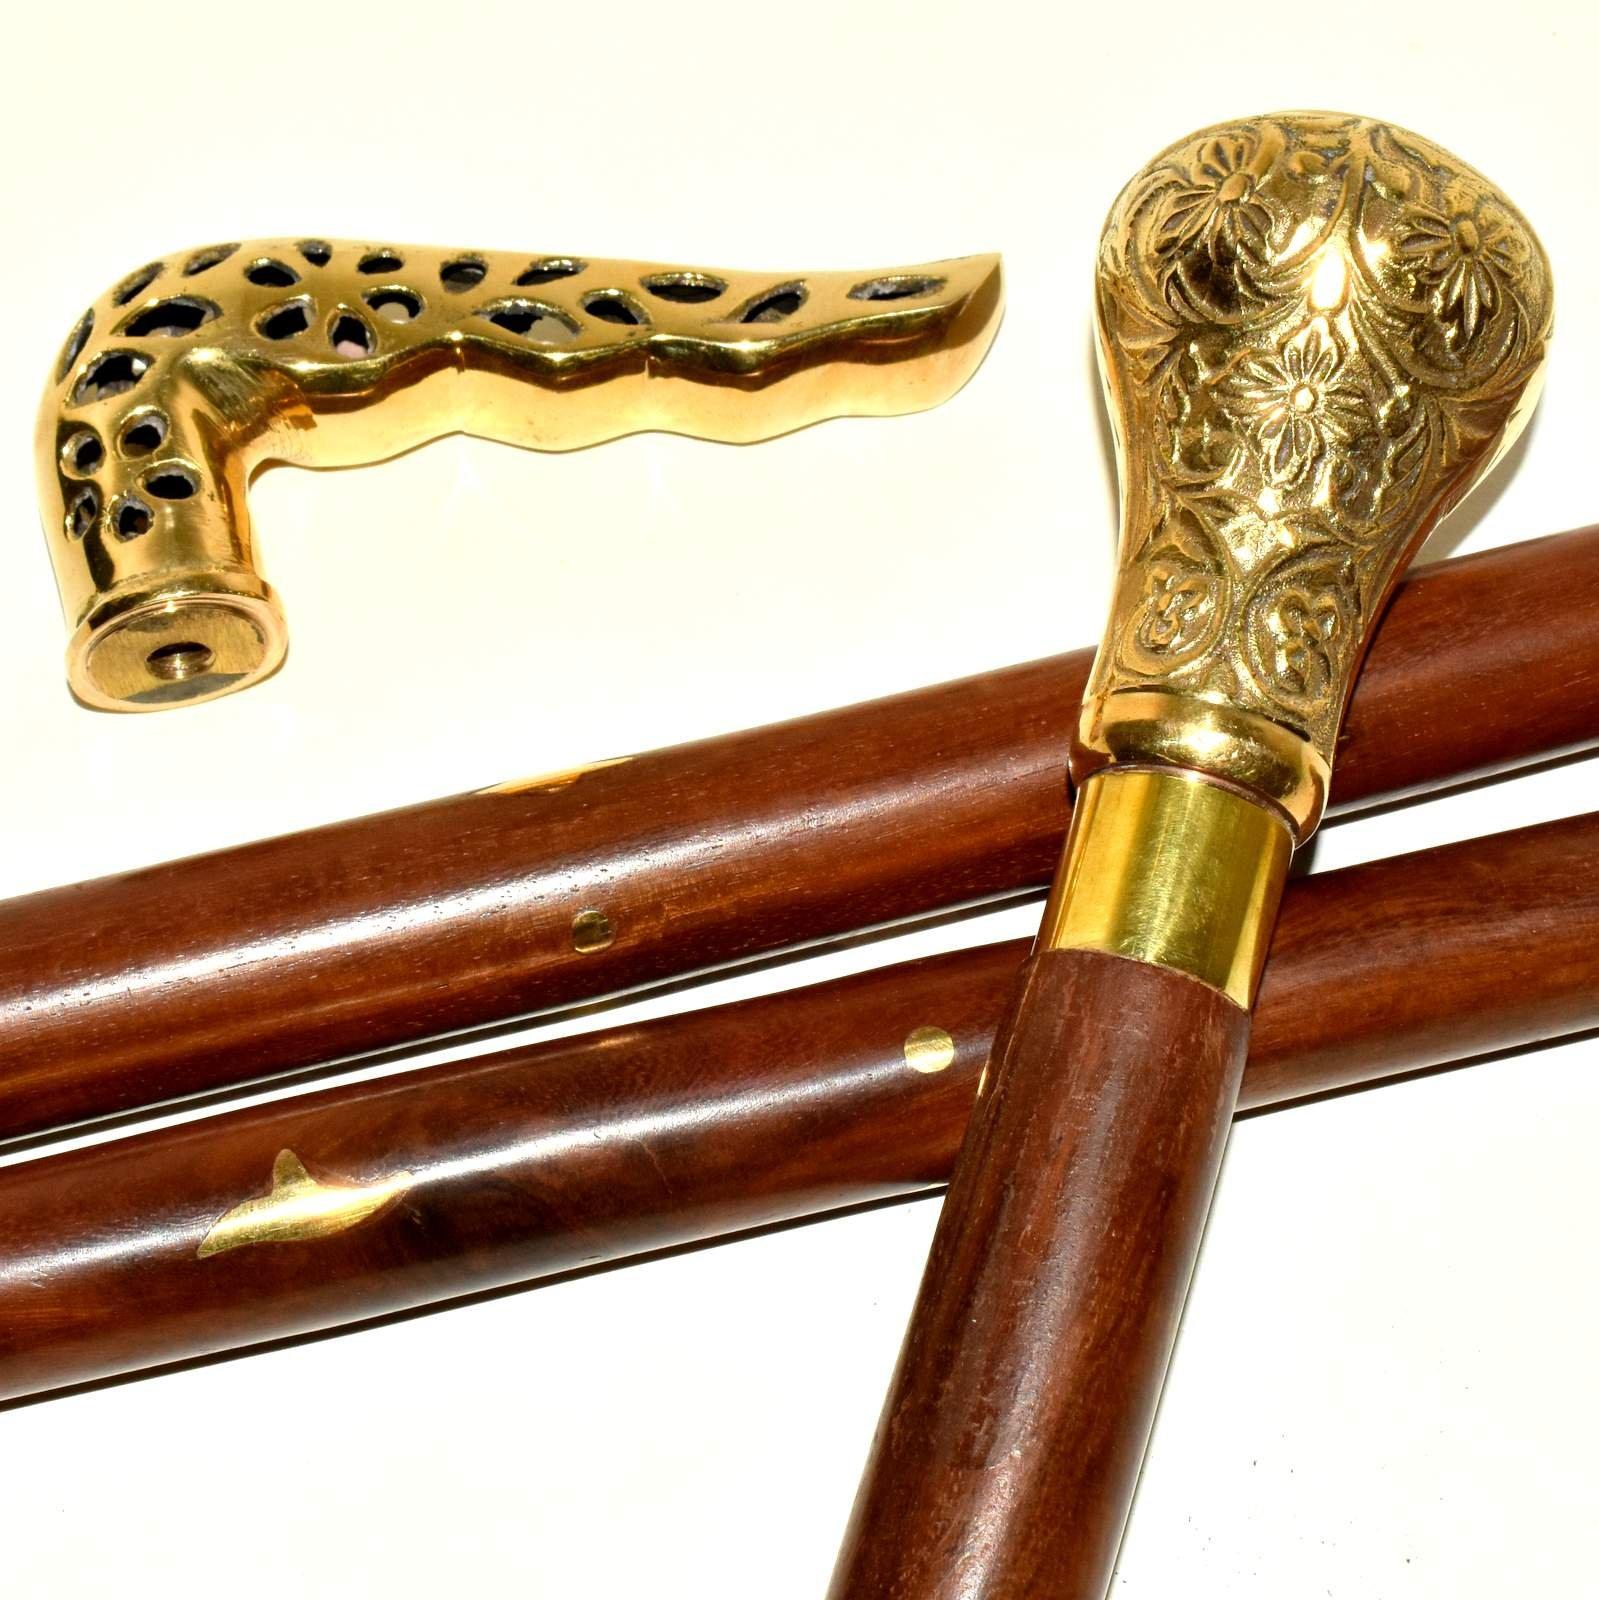 Brass designer vintage style walking stick brass handle wood brass inlay cane .1